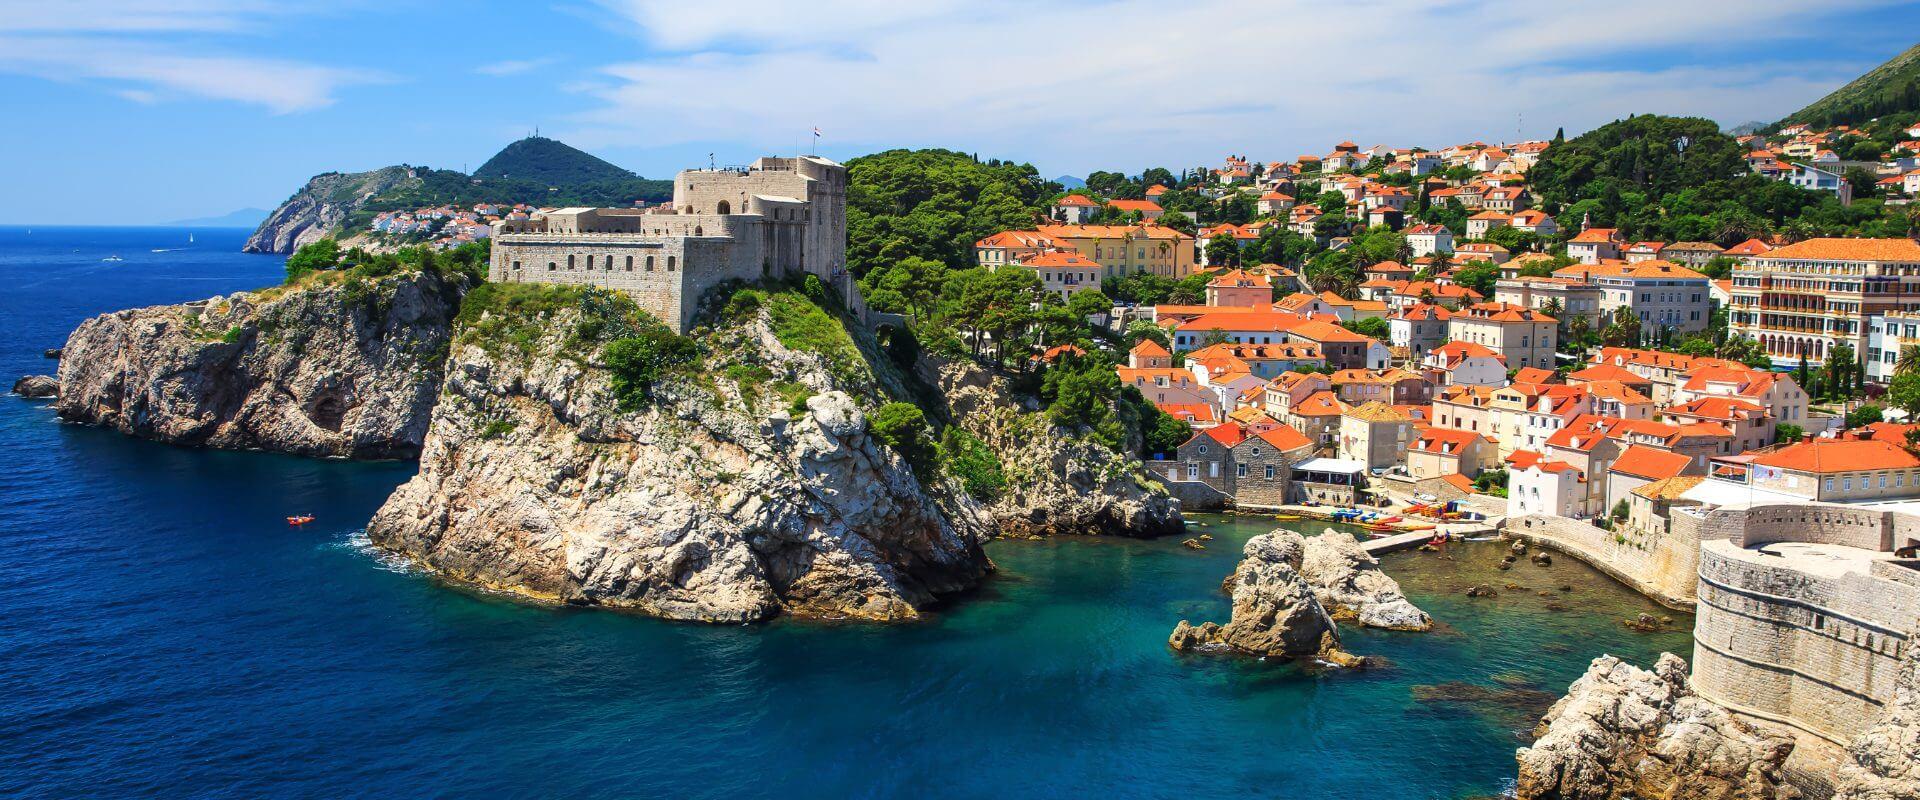 Bild Dubrovnik